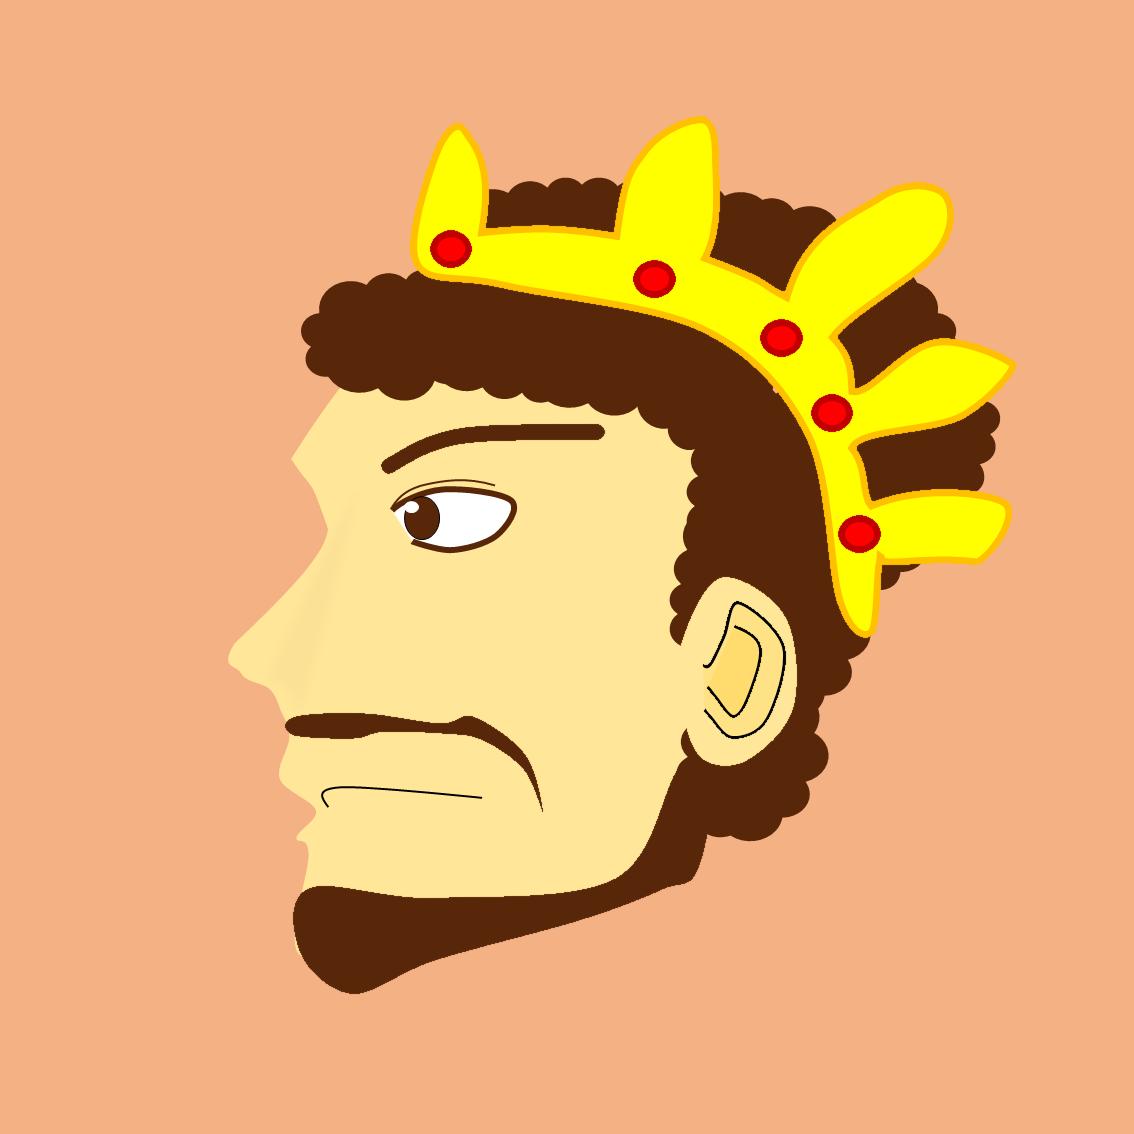 西ゴート王国とアッティラの王国